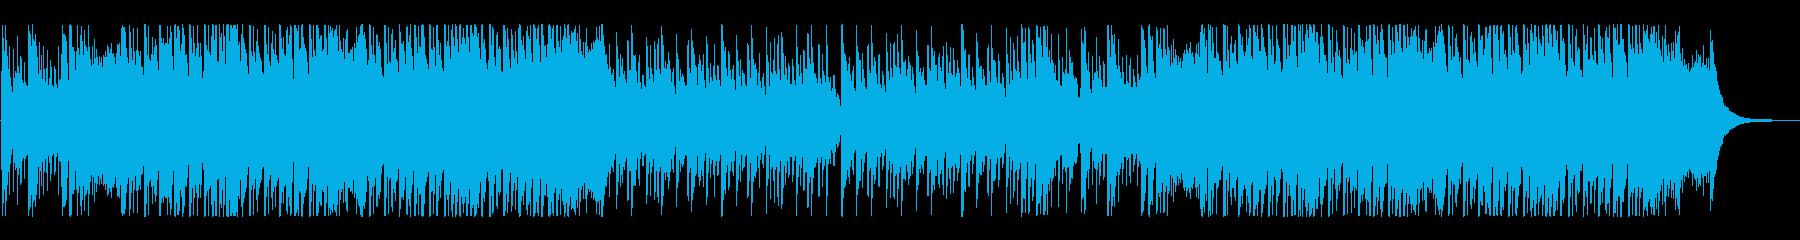 熱く激しい、スピード感溢れる和風ロック!の再生済みの波形